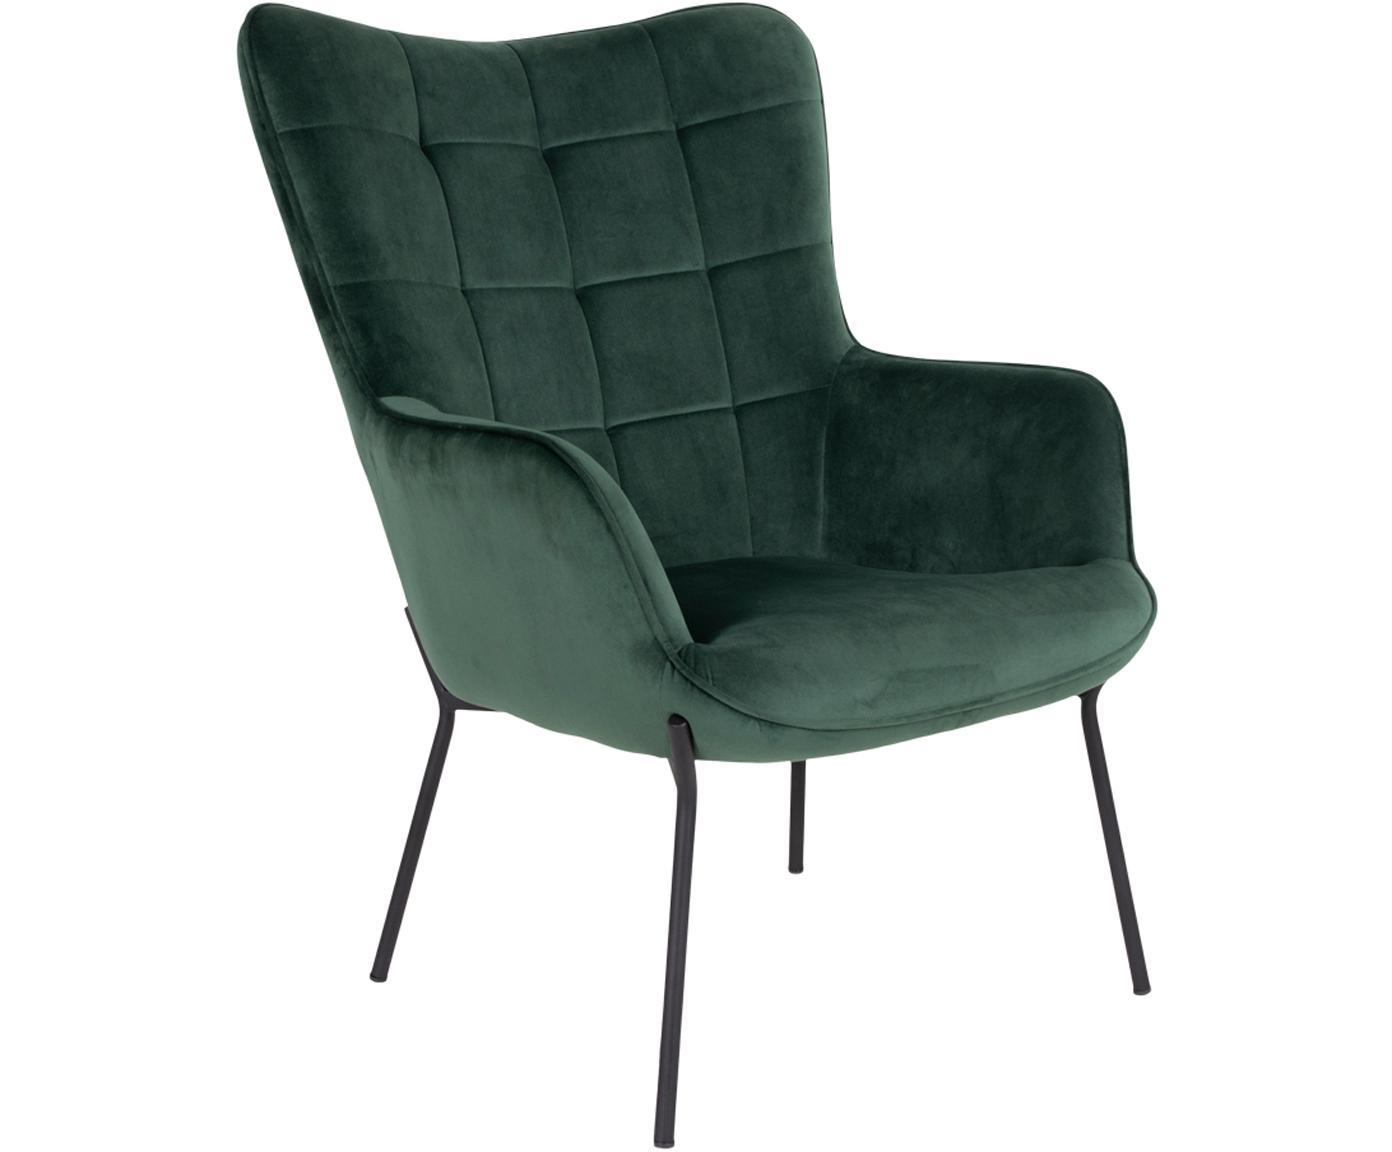 Samt-Loungesessel Glasgow, Bezug: Polyestersamt, Gestell: Kiefernholz, Füße: Stahl, beschichtet, Grün, Schwarz, B 79 x T 70 cm